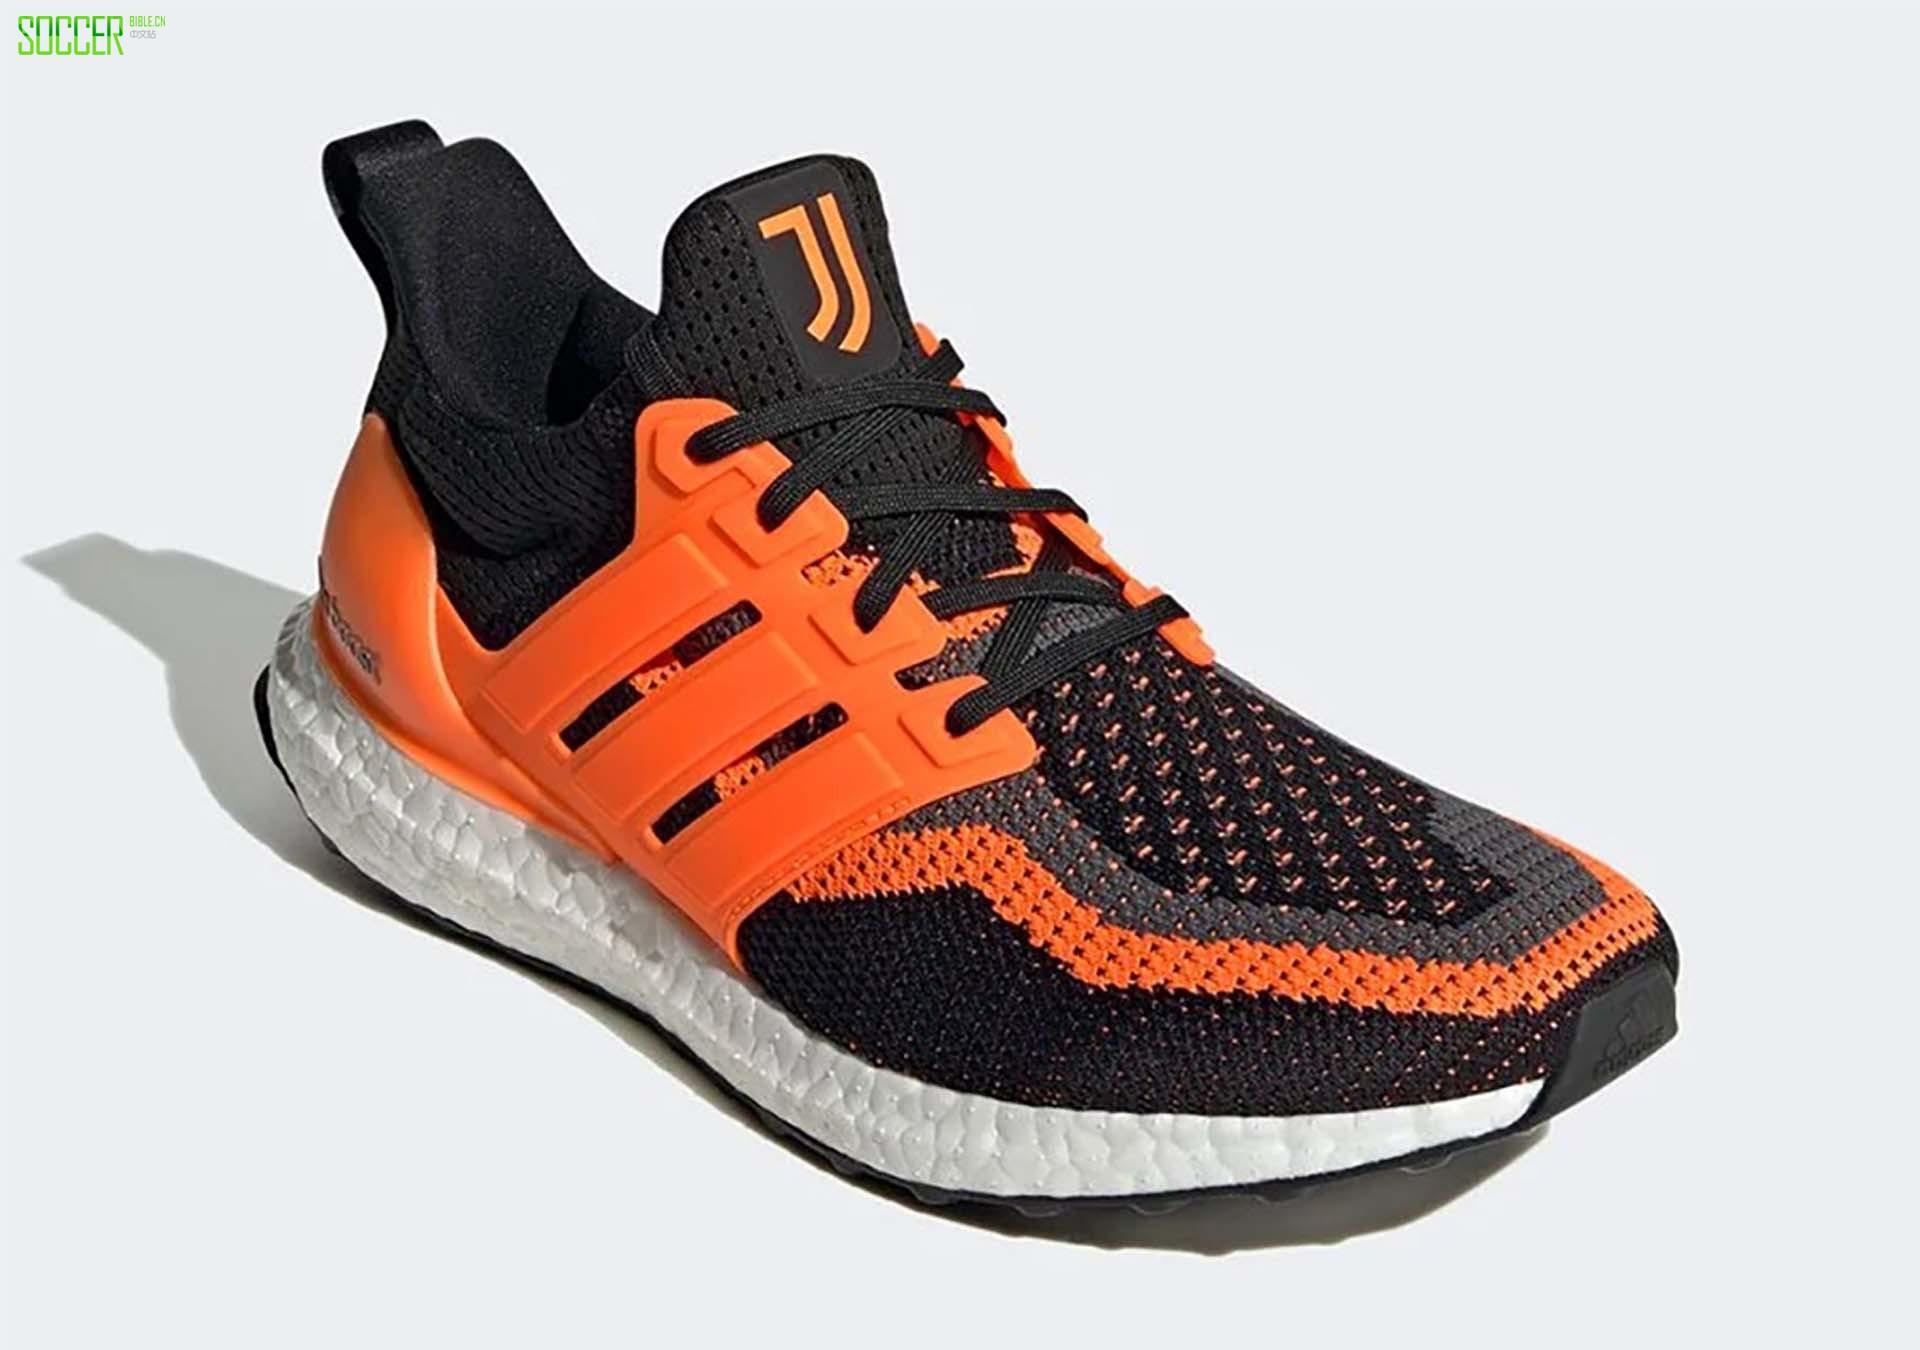 阿迪达斯推出俱乐部专属Ultraboost DNA跑鞋